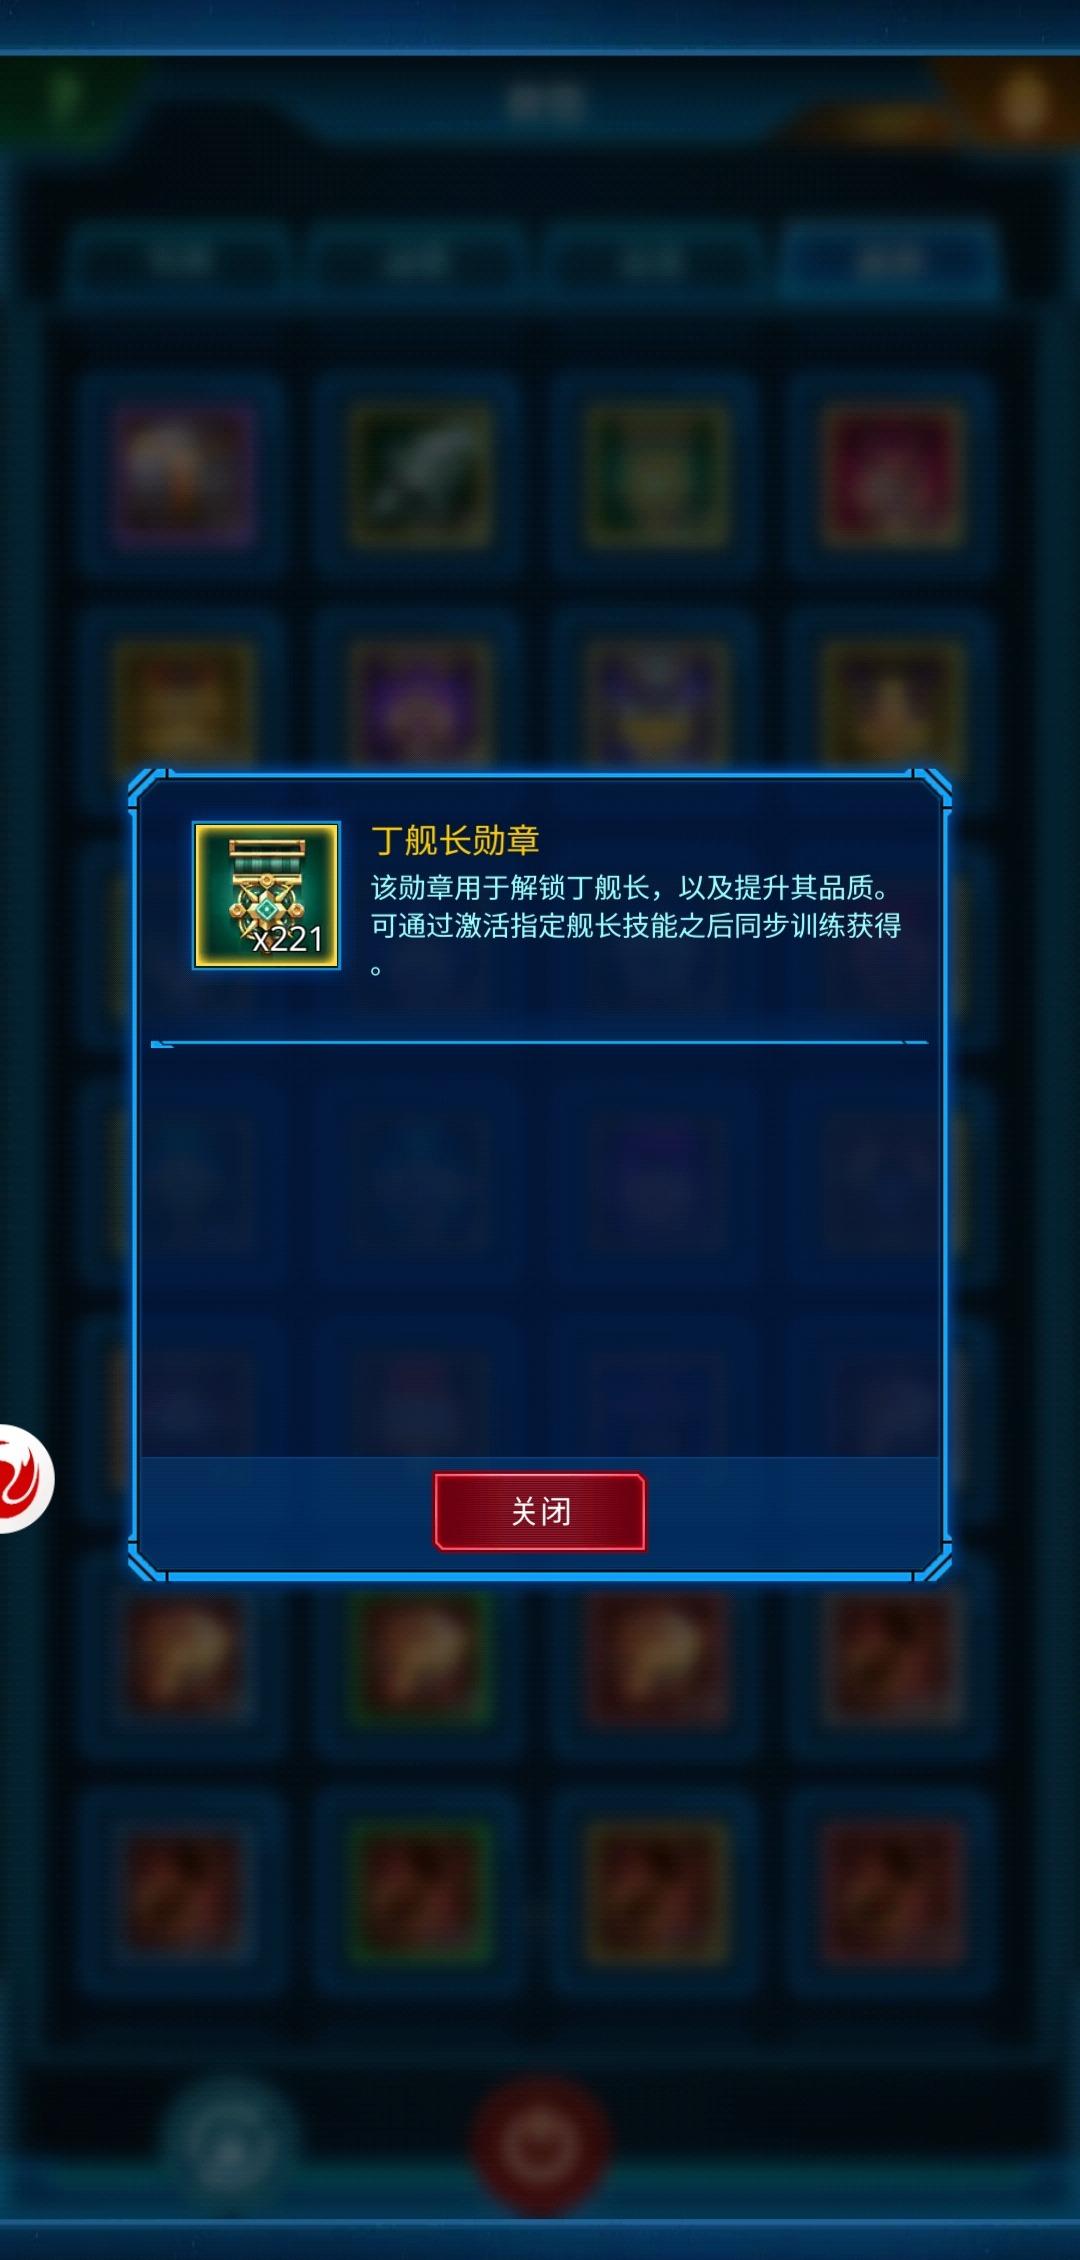 Screenshot_20191203-083546.jpg